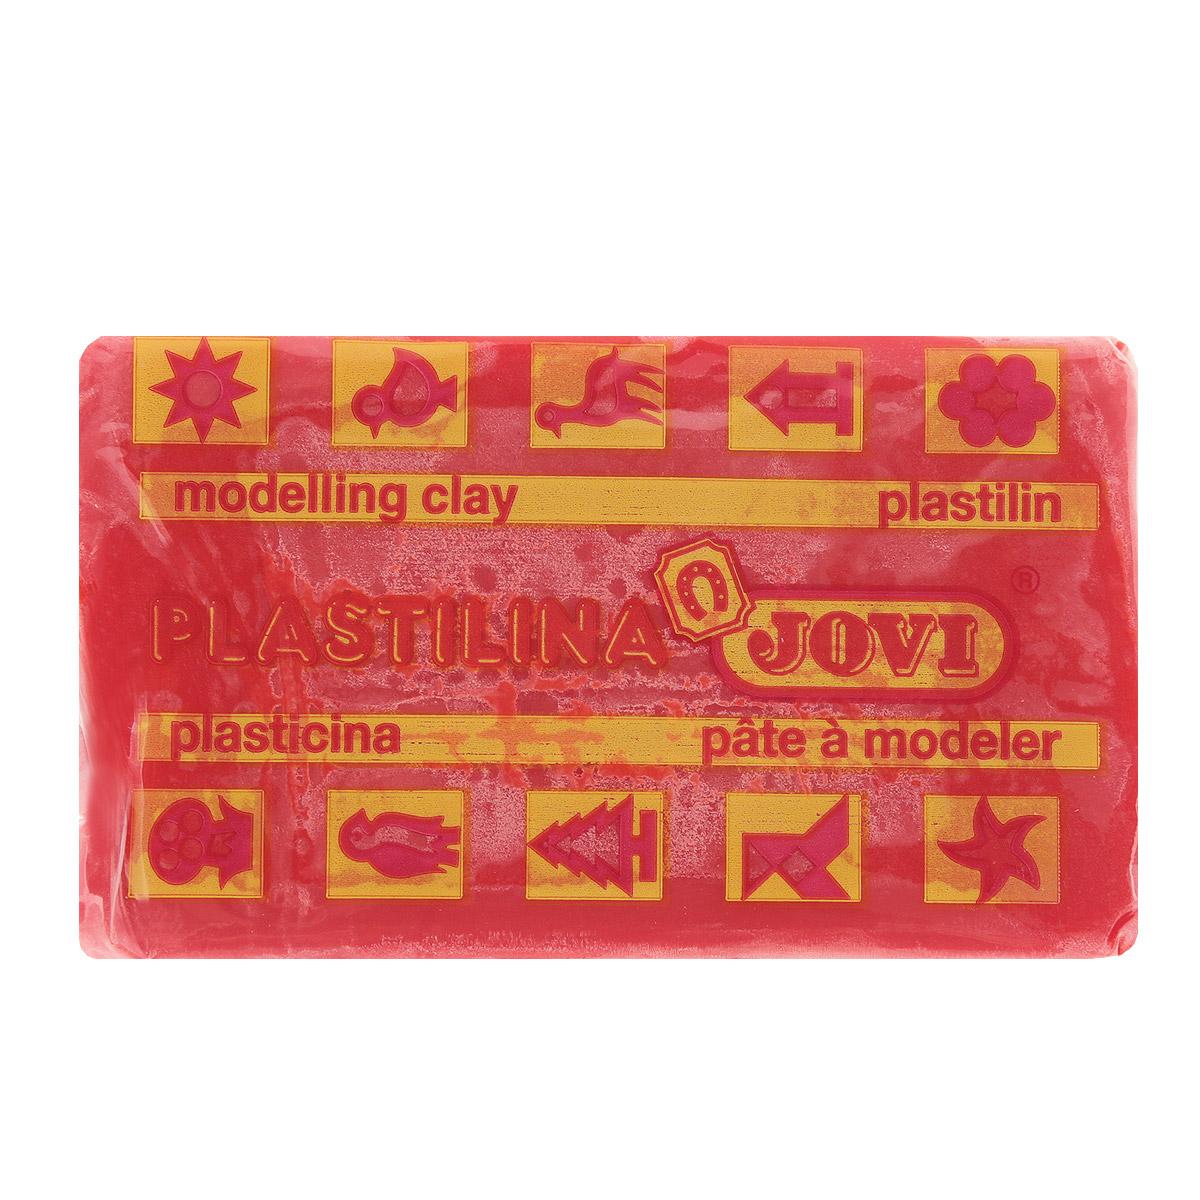 Jovi Пластилин, цвет: красный, 50 г70/30U_красныйПластилин Jovi - лучший выбор для лепки, он обладает превосходными изобразительными возможностями и поэтому дает простор воображению и самым смелым творческим замыслам. Пластилин, изготовленный на растительной основе, очень мягкий, легко разминается и смешивается, не пачкает руки и не прилипает к рабочей поверхности. Пластилин пригоден для создания аппликаций и поделок, ручной лепки, моделирования на каркасе, пластилиновой живописи - рисовании пластилином по бумаге, картону, дереву или текстилю. Пластические свойства сохраняются в течение 5 лет.